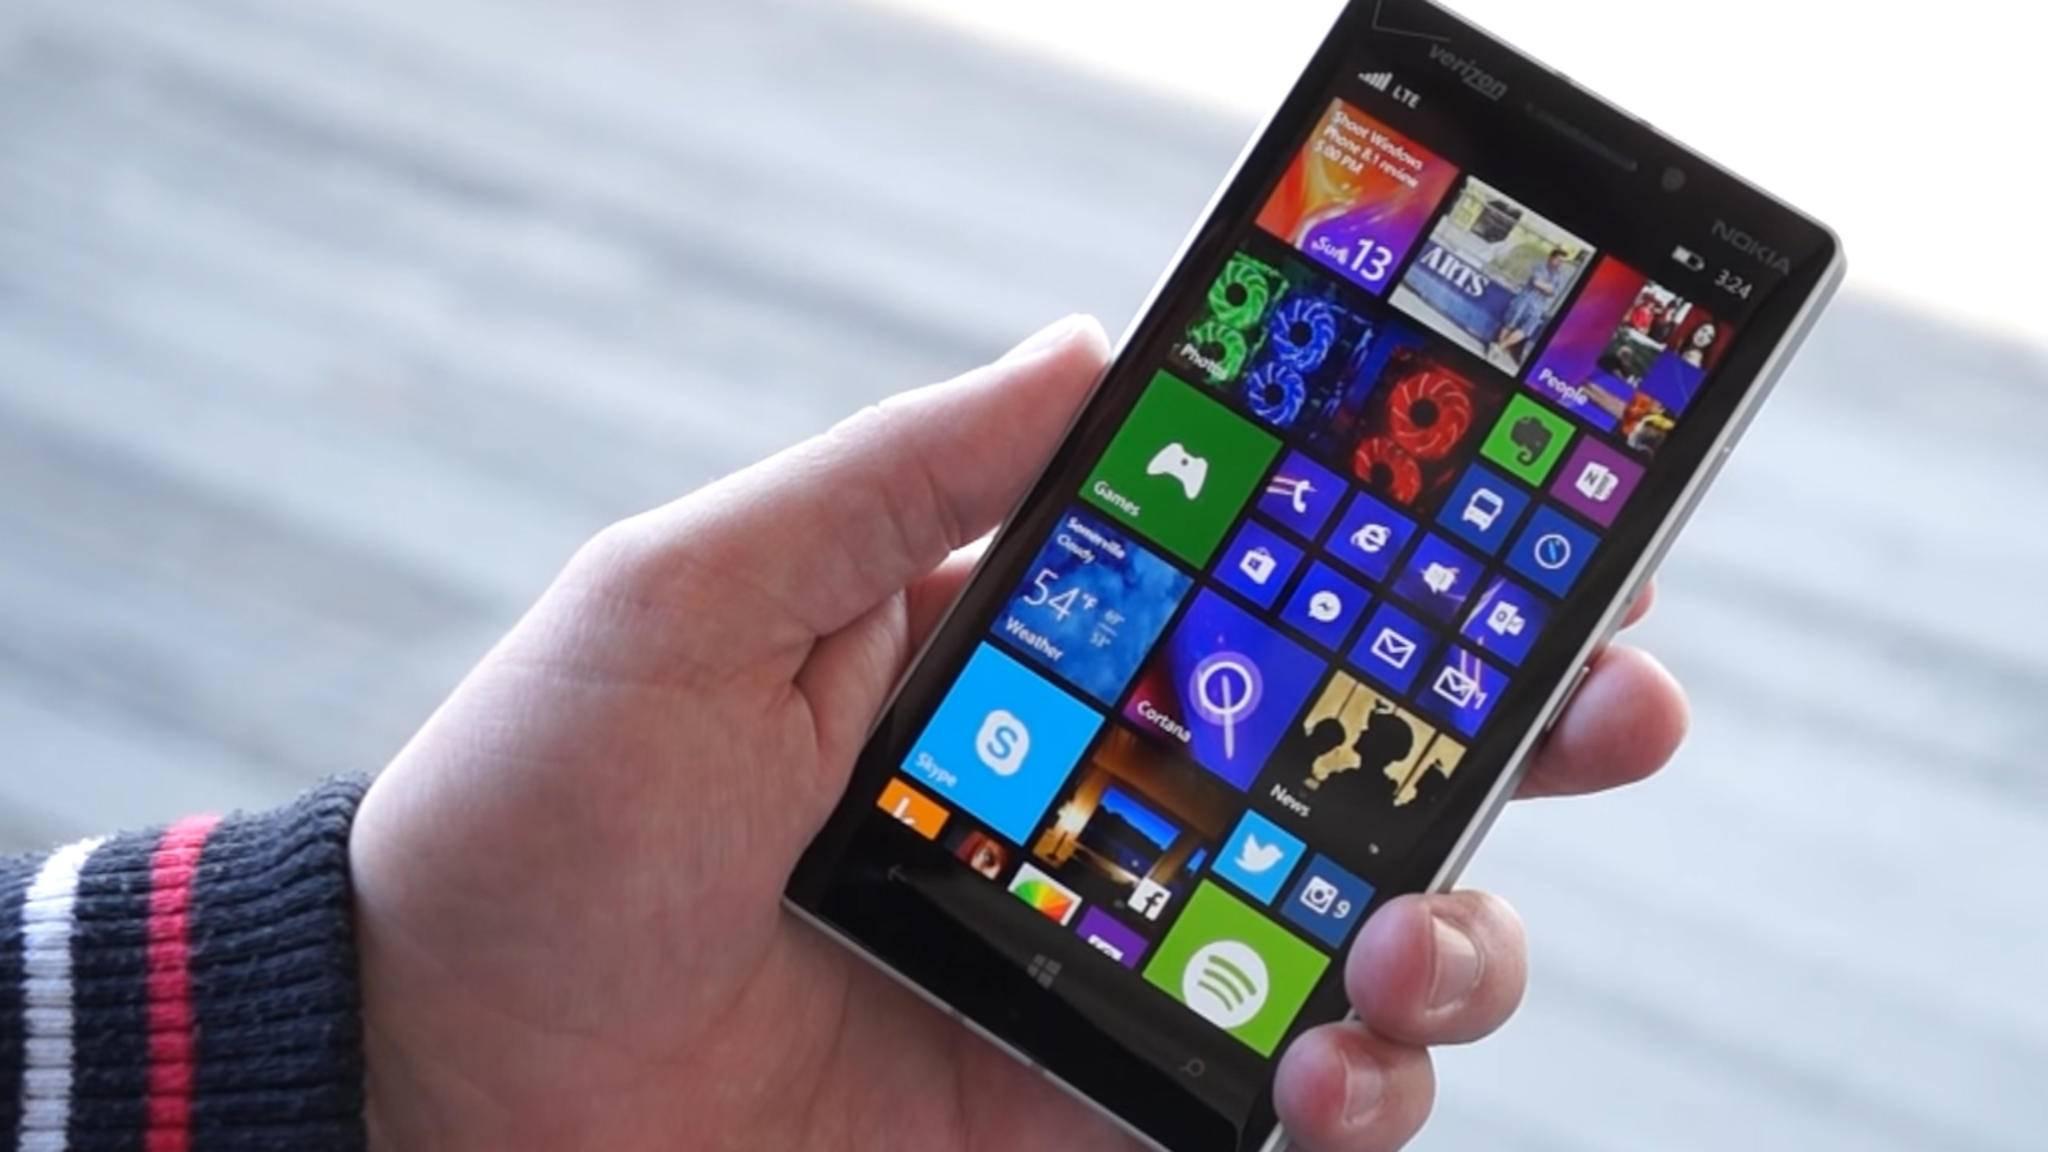 Ein neues Tool beschleunigt das Updaten von Windows-Smartphones.